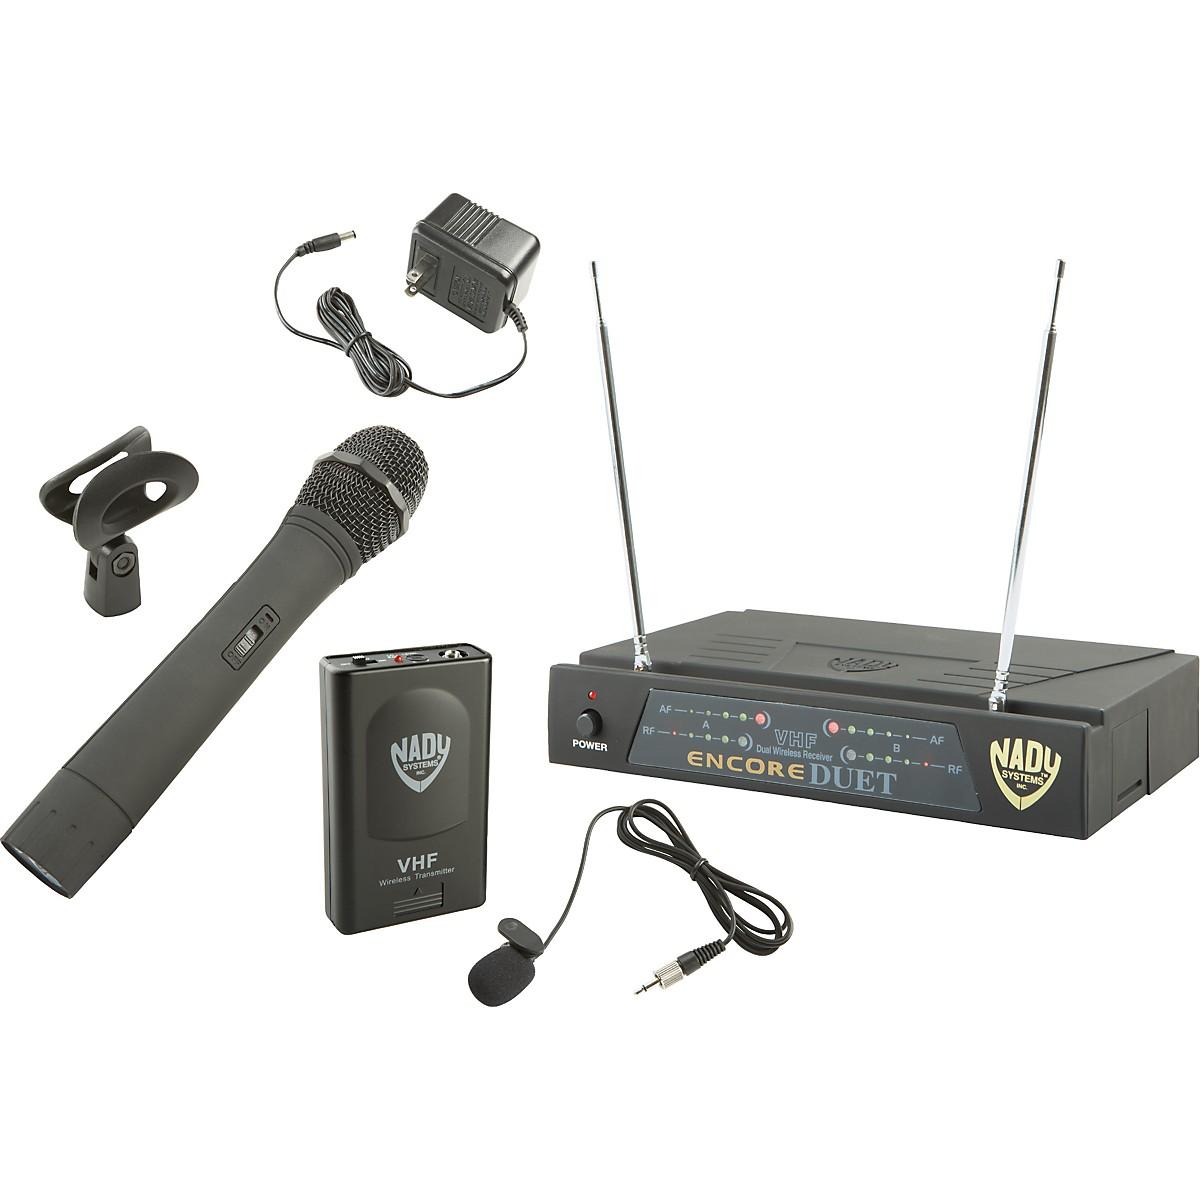 Nady Encore DUET HT/LT/O Combo Wireless System